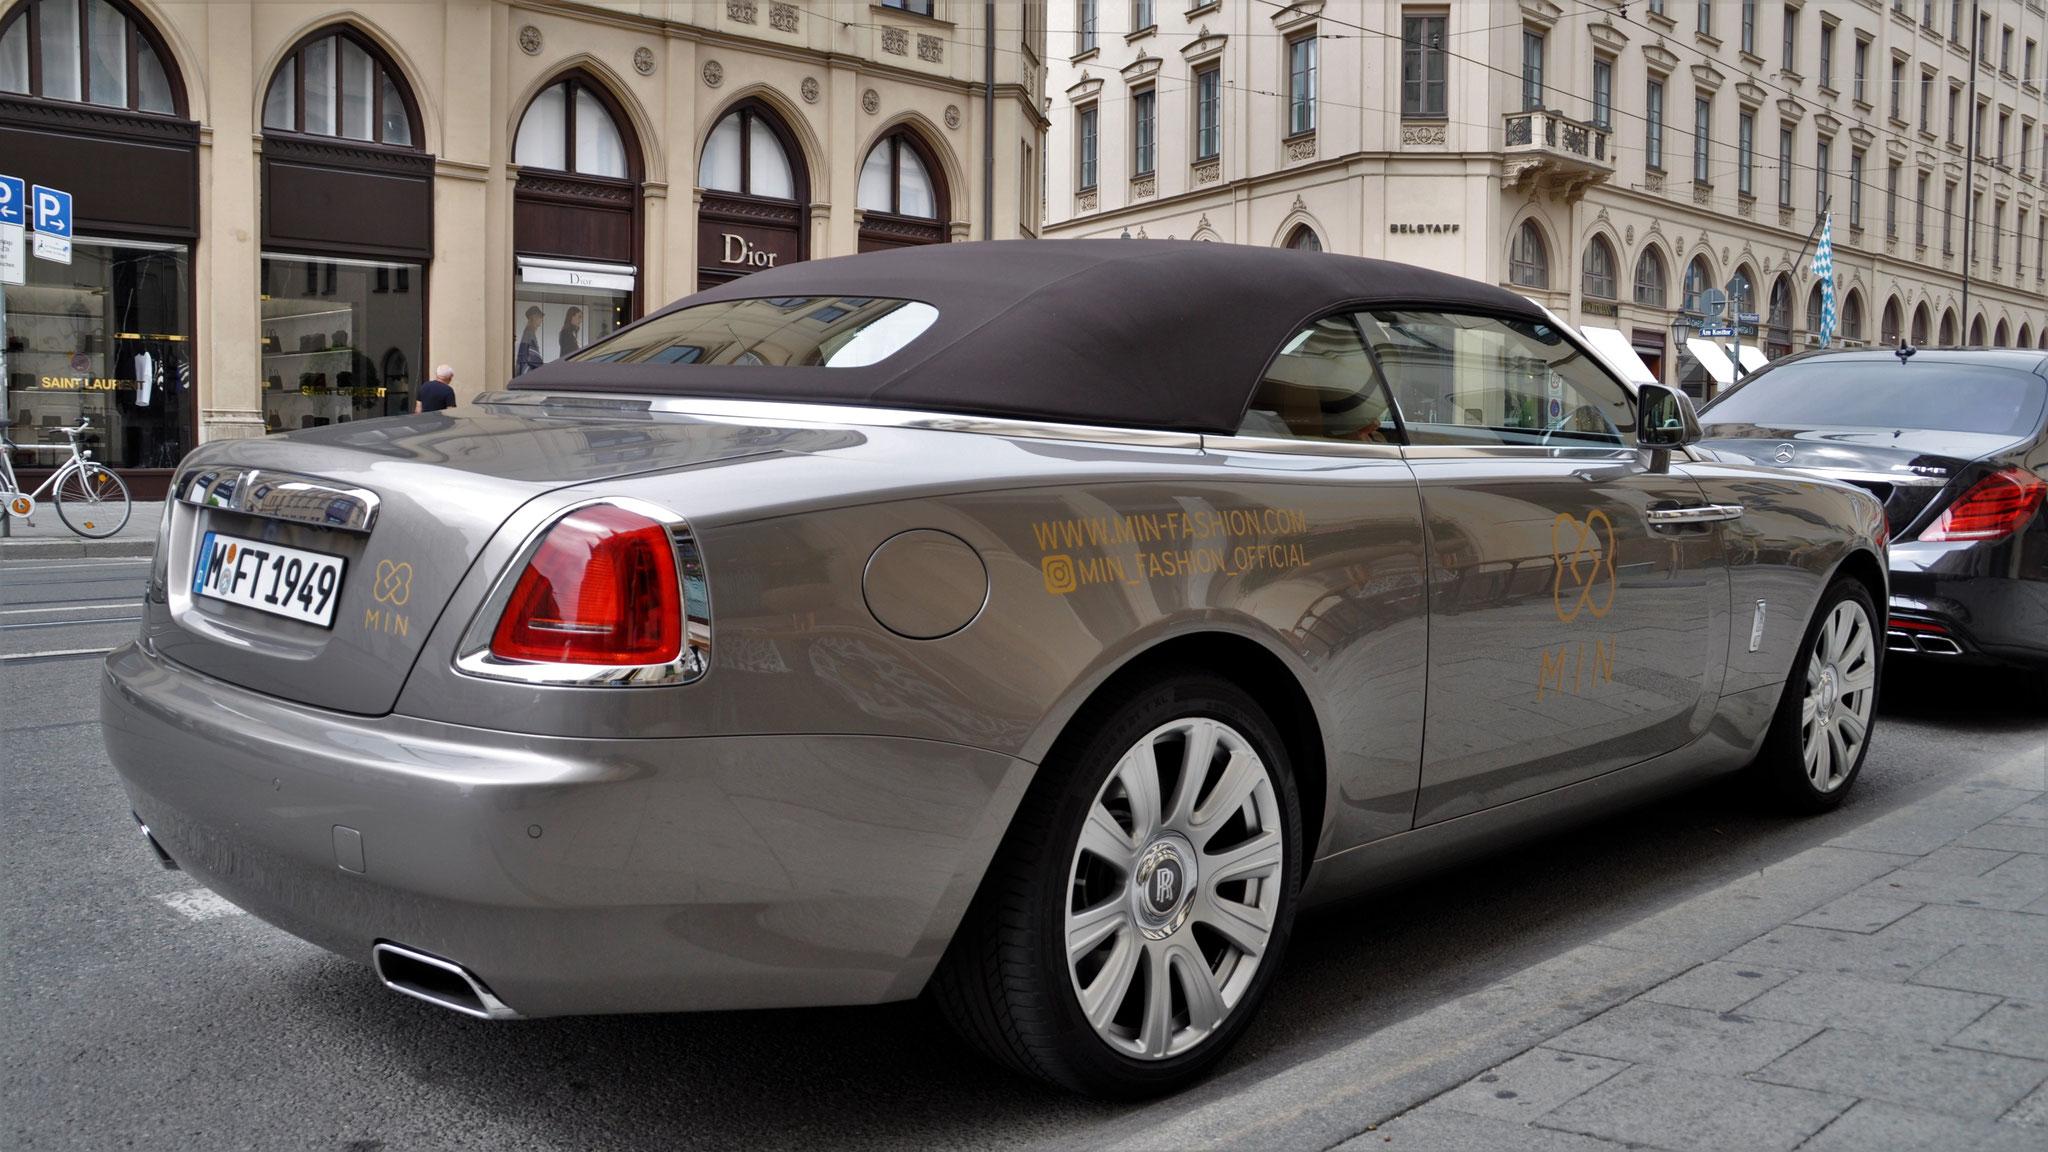 Rolls Royce Dawn - N-FT-1949